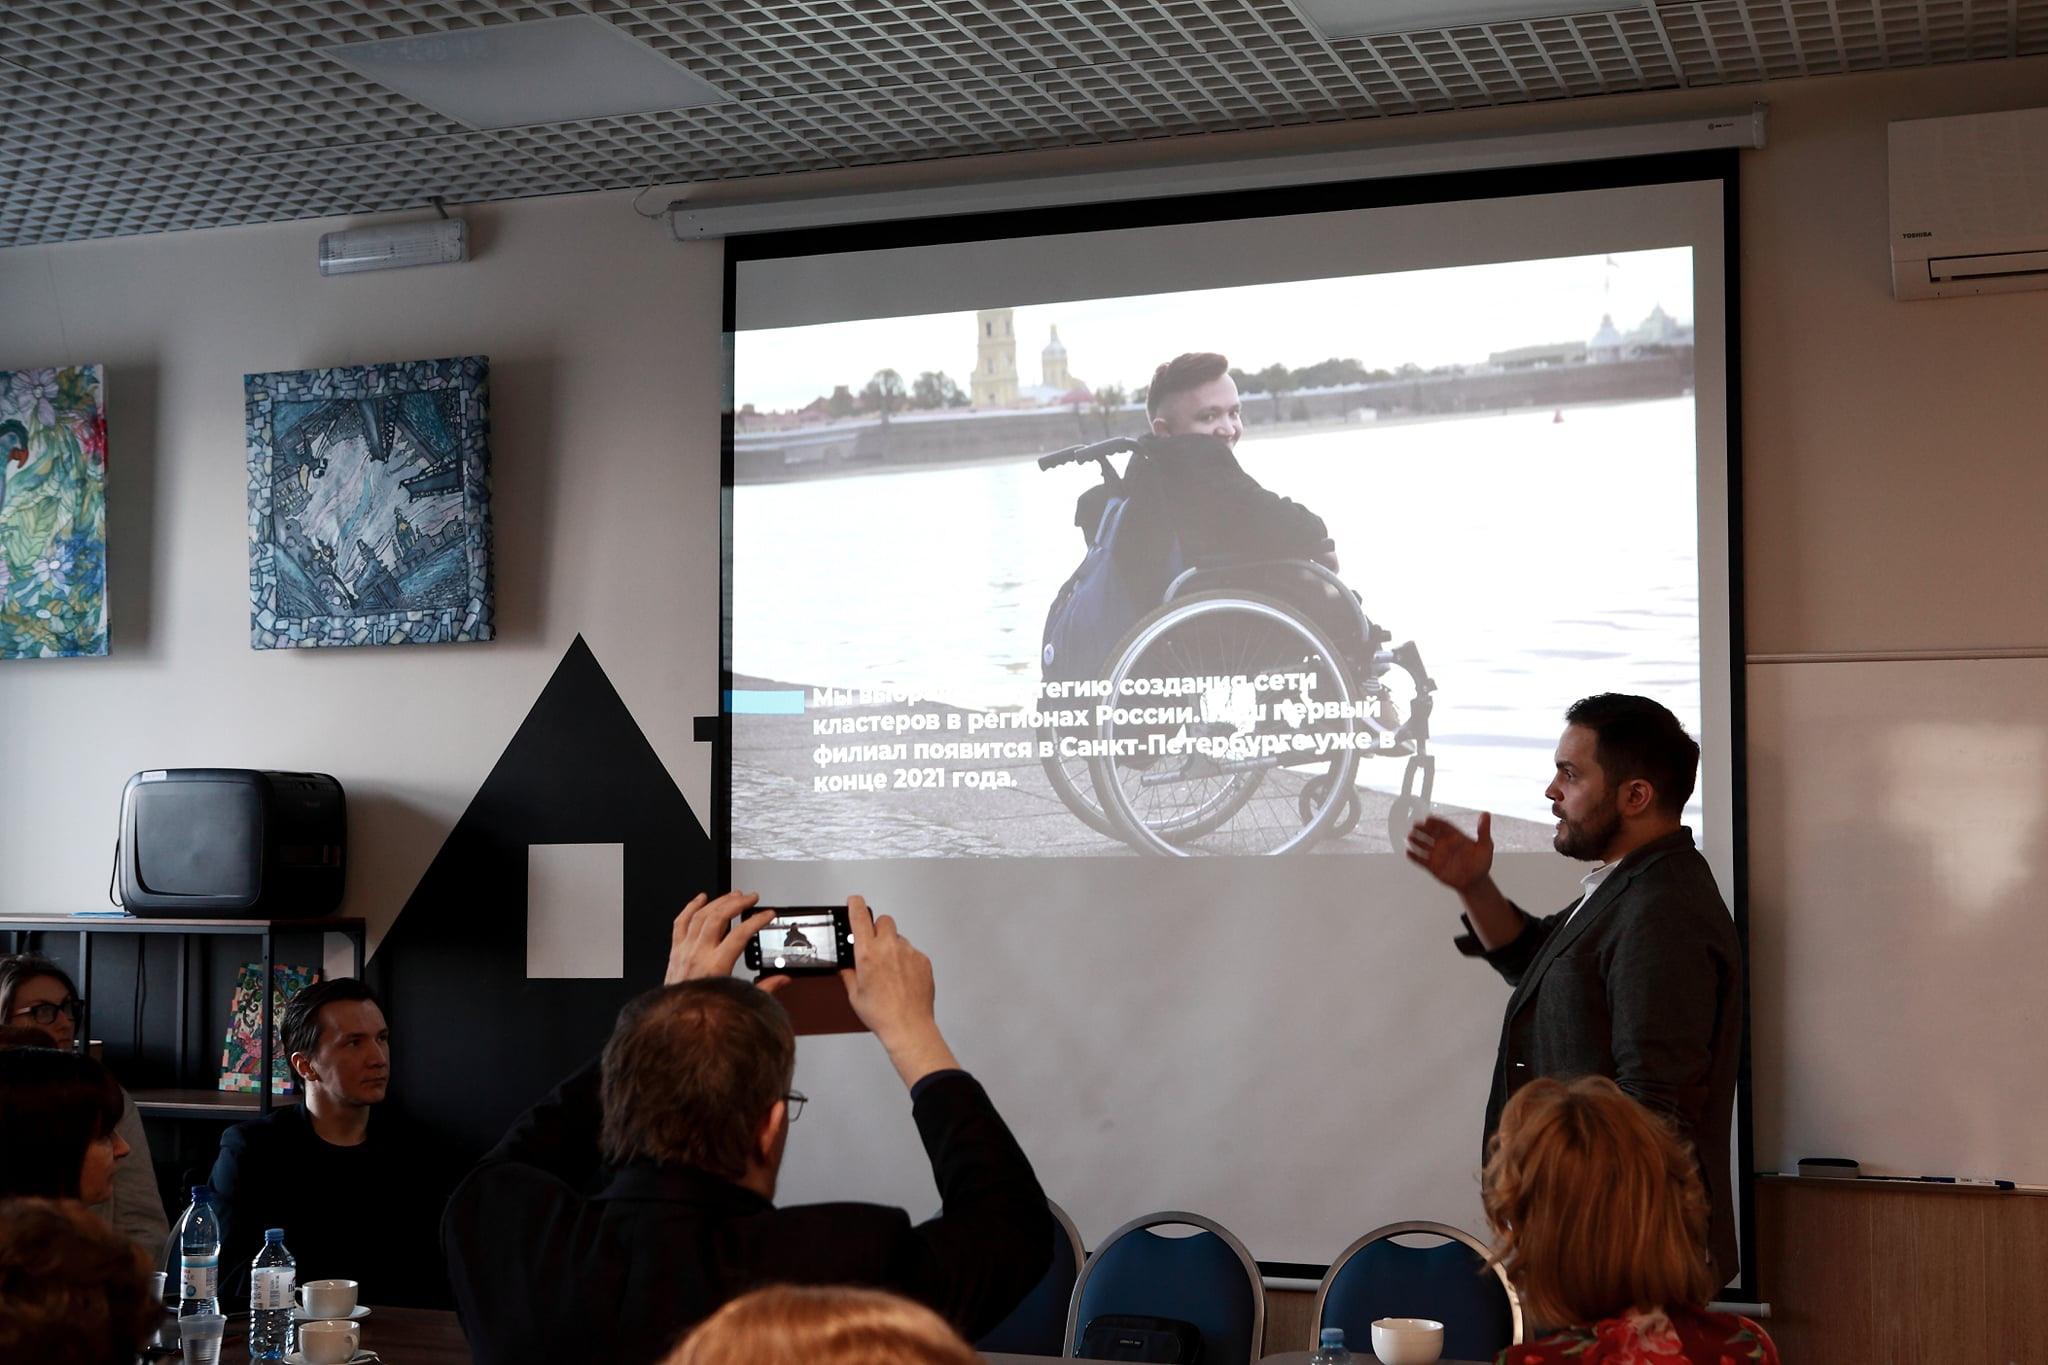 Презентация общественно-церковной организации «Квартал Луи» в Санкт-Петербурге. Фото: Максим Бойков